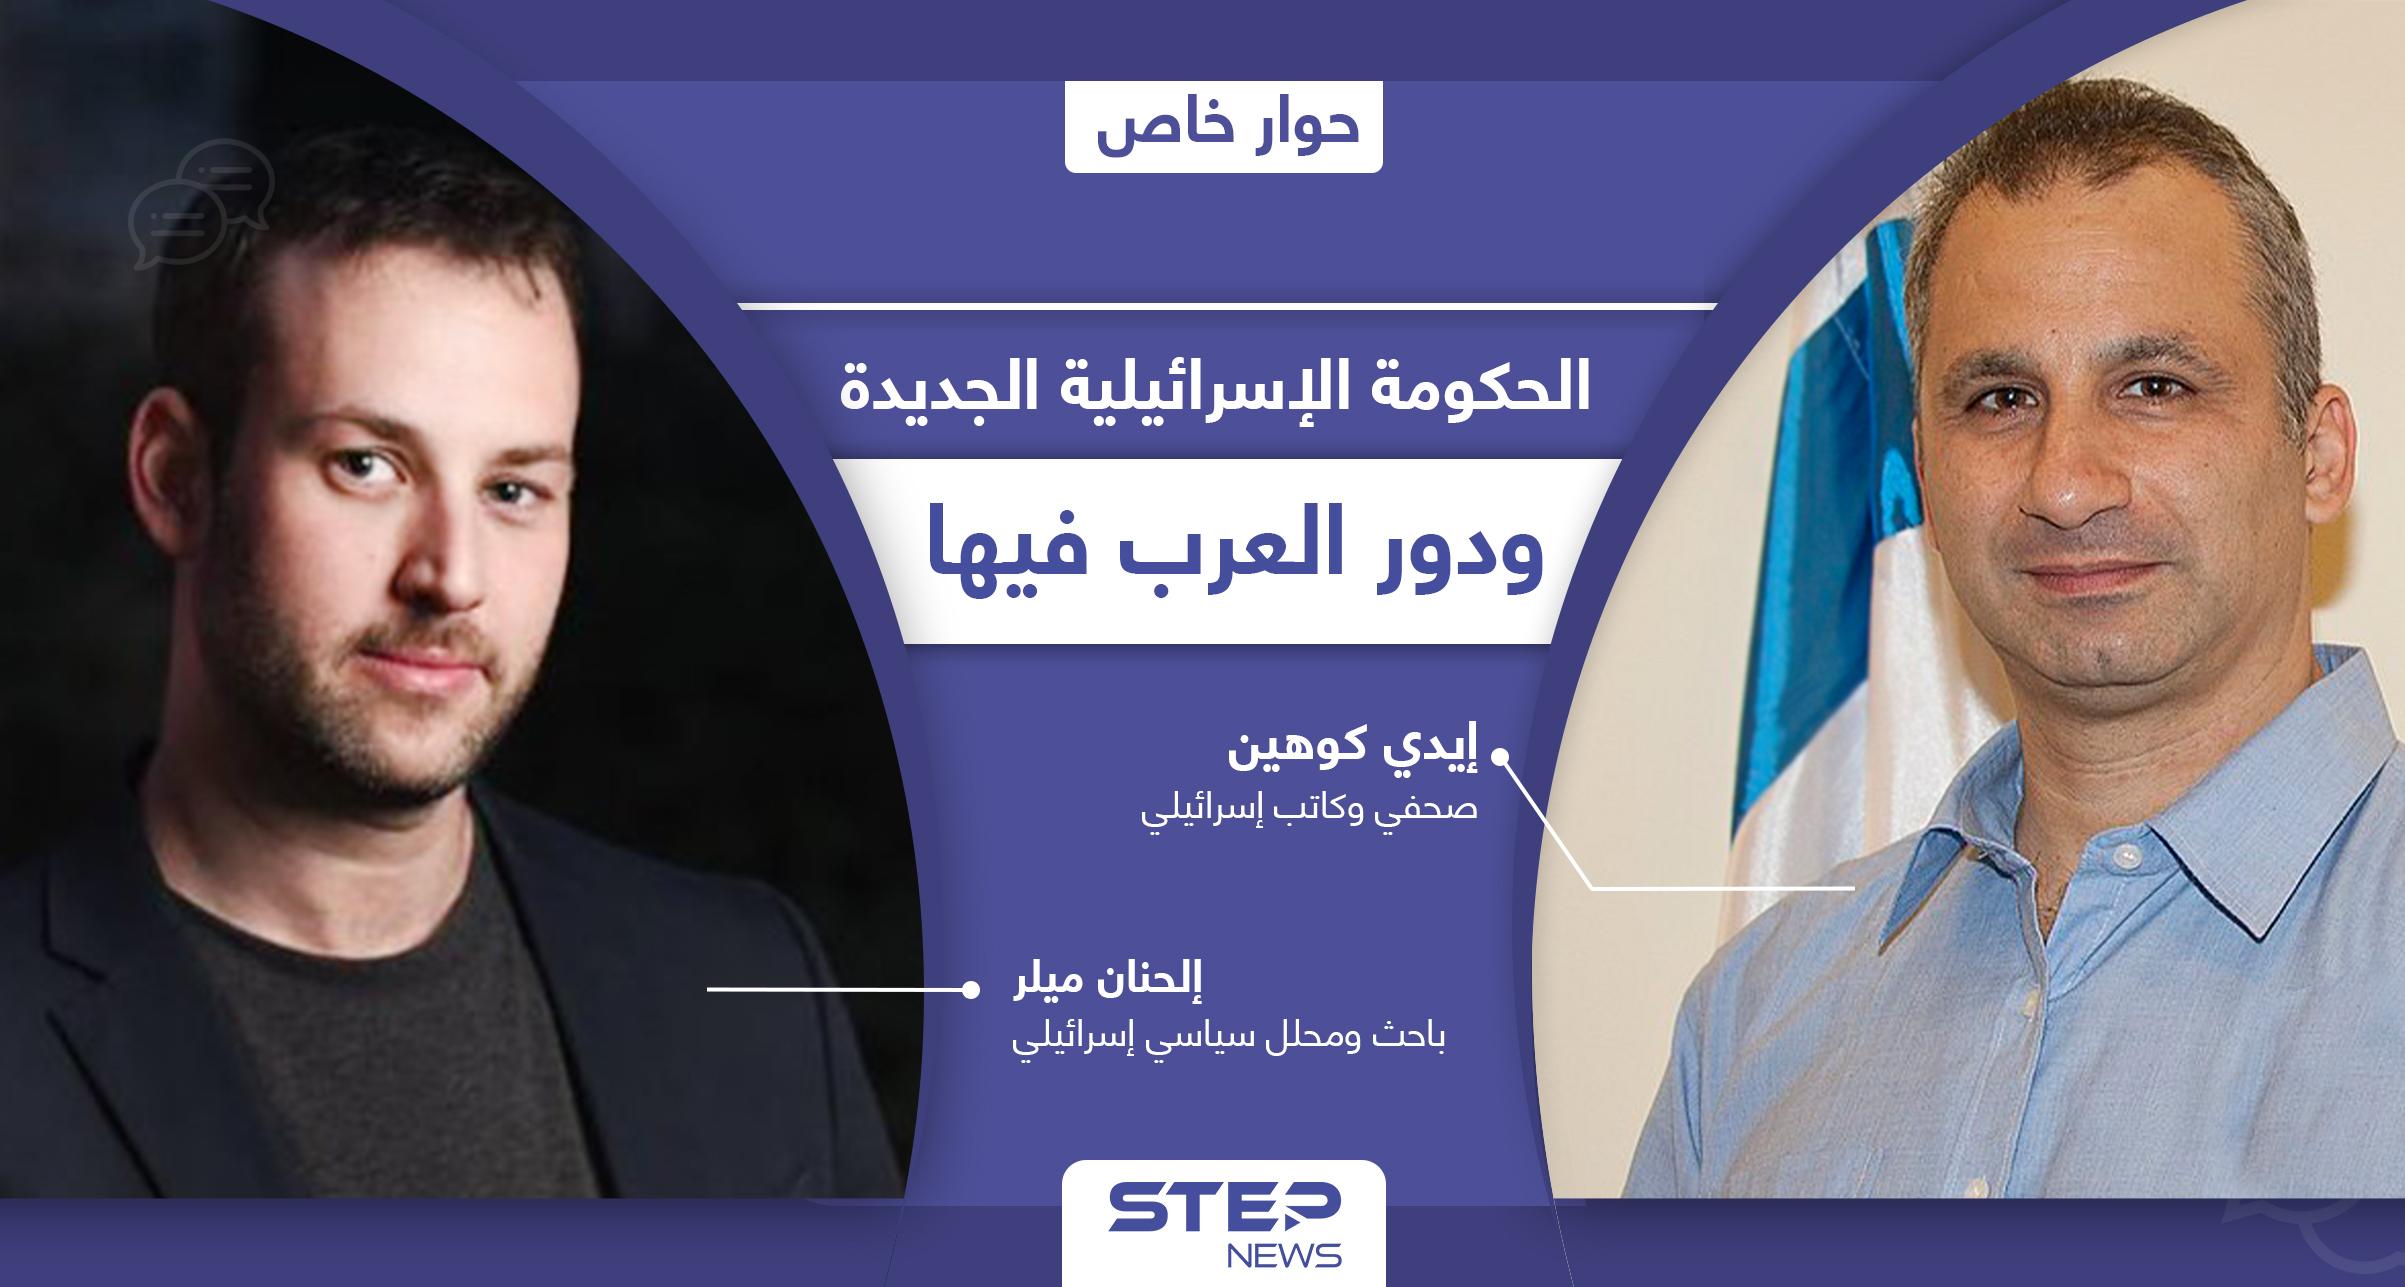 أول وجود عربي وإسلامي بالتاريخ في الحكومة الإسرائيلية الجديدة كيف أطاح بنتيناهو بعد حكم 12 عاماً